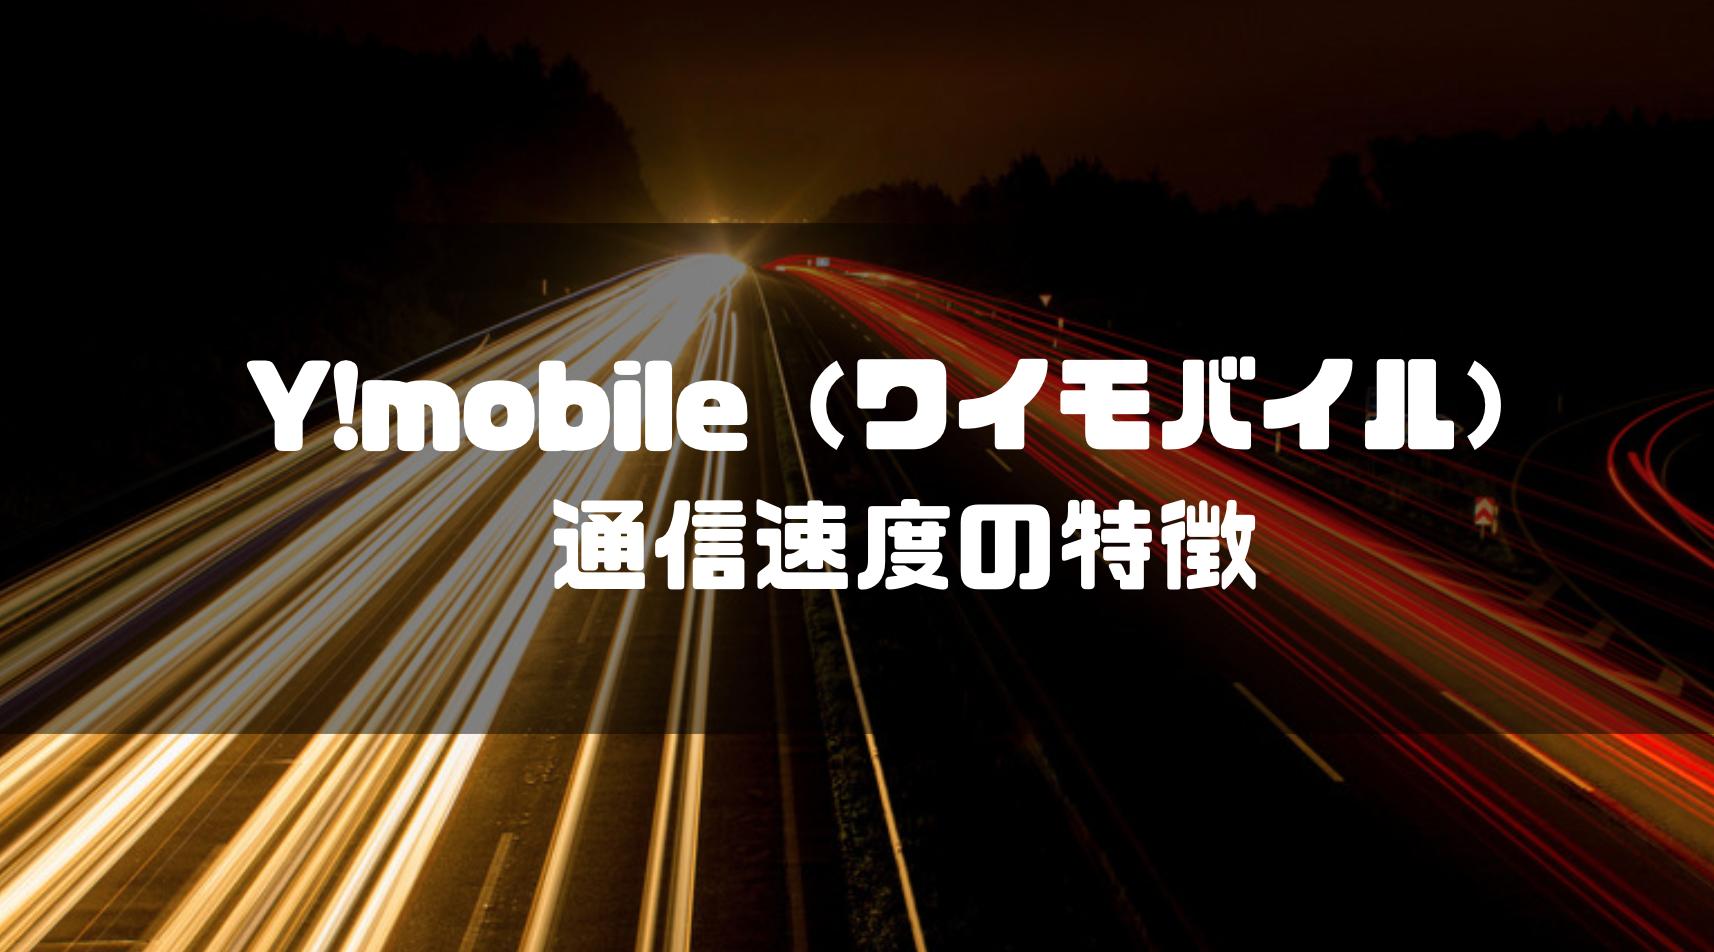 Y!mobile_ワイモバイル_通信速度_速度_格安SIM_特徴